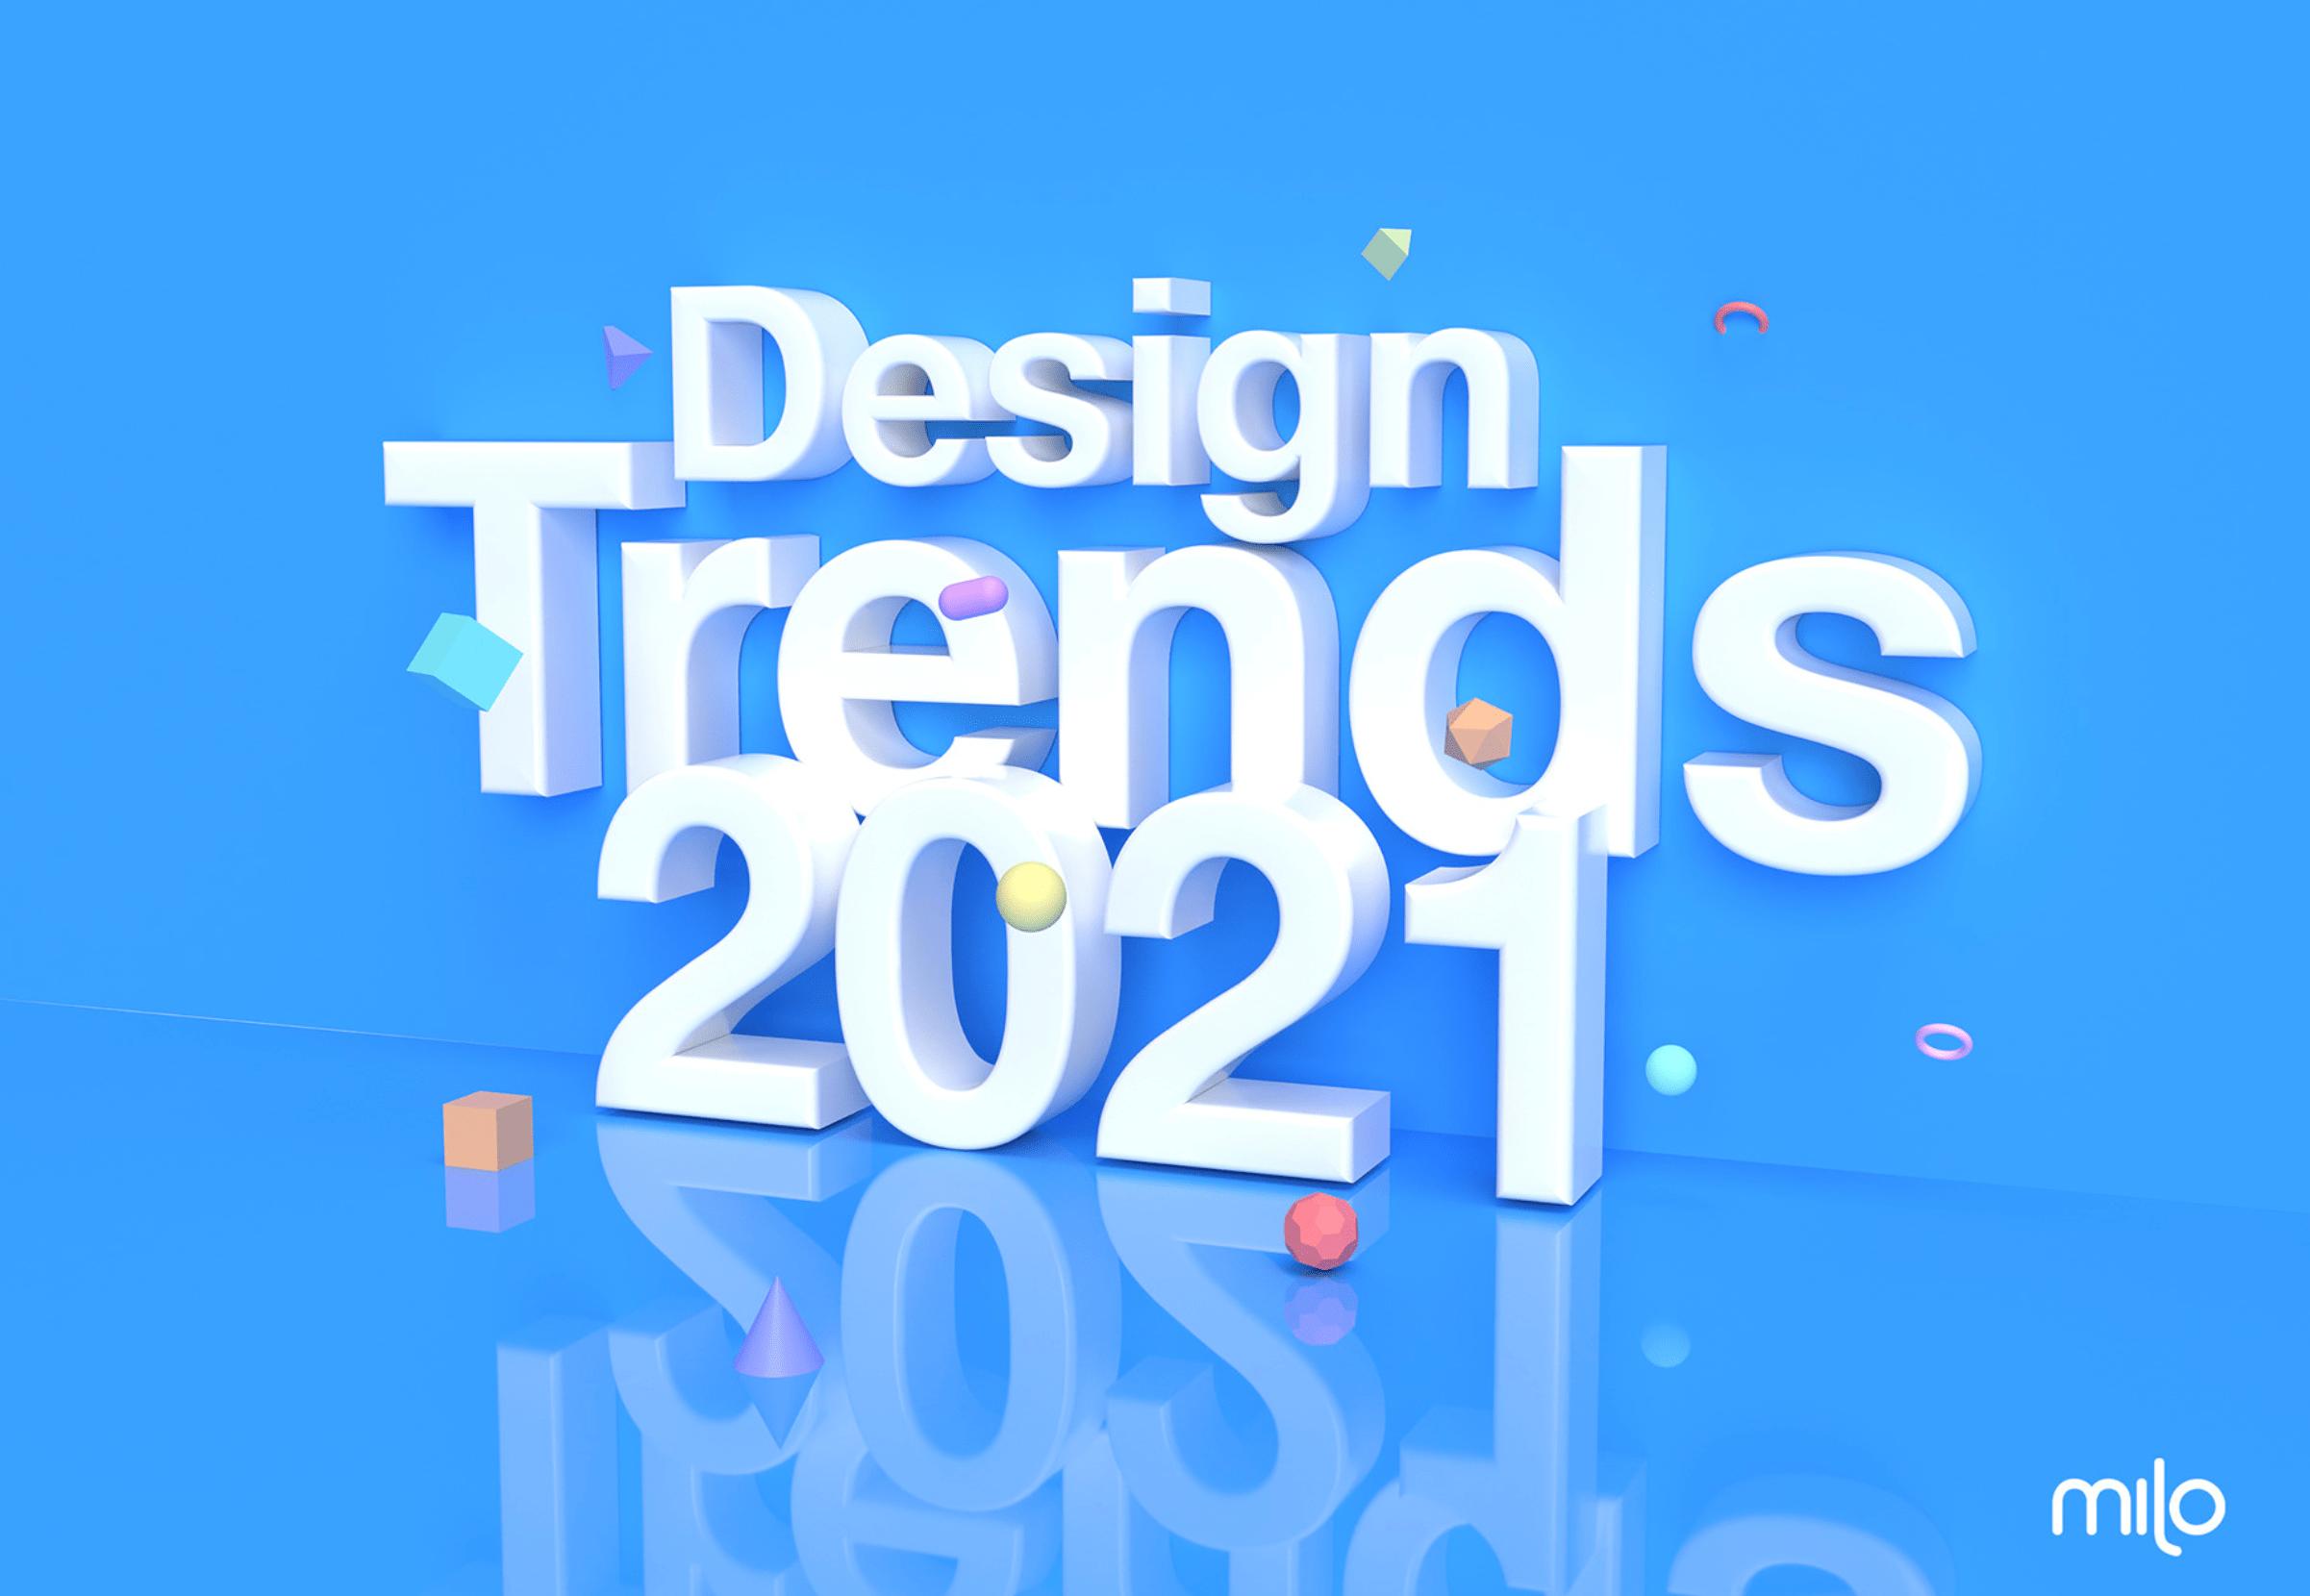 壹周速读:年度设计趋势+Figma 完全指南